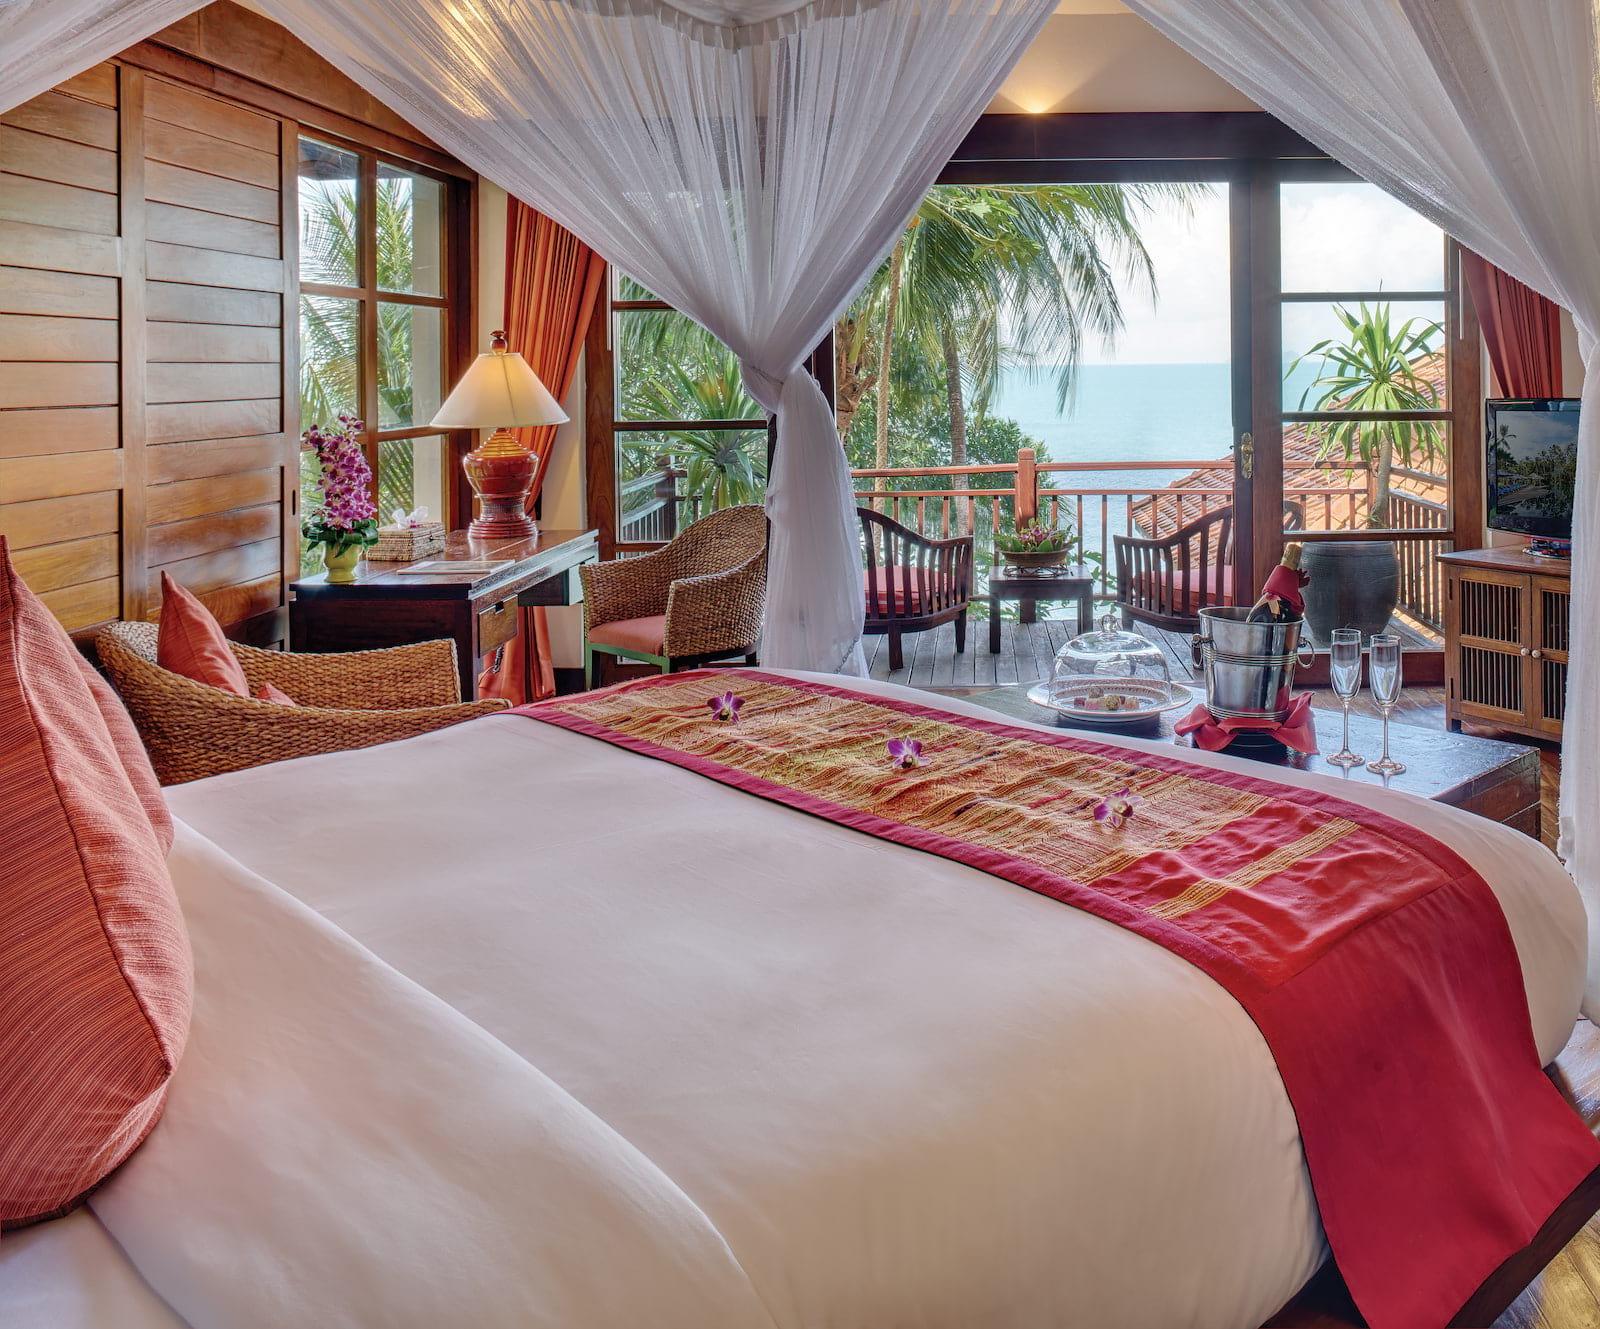 nap-acc-residence-oceanfront-bedroom02_1600x1329.jpg